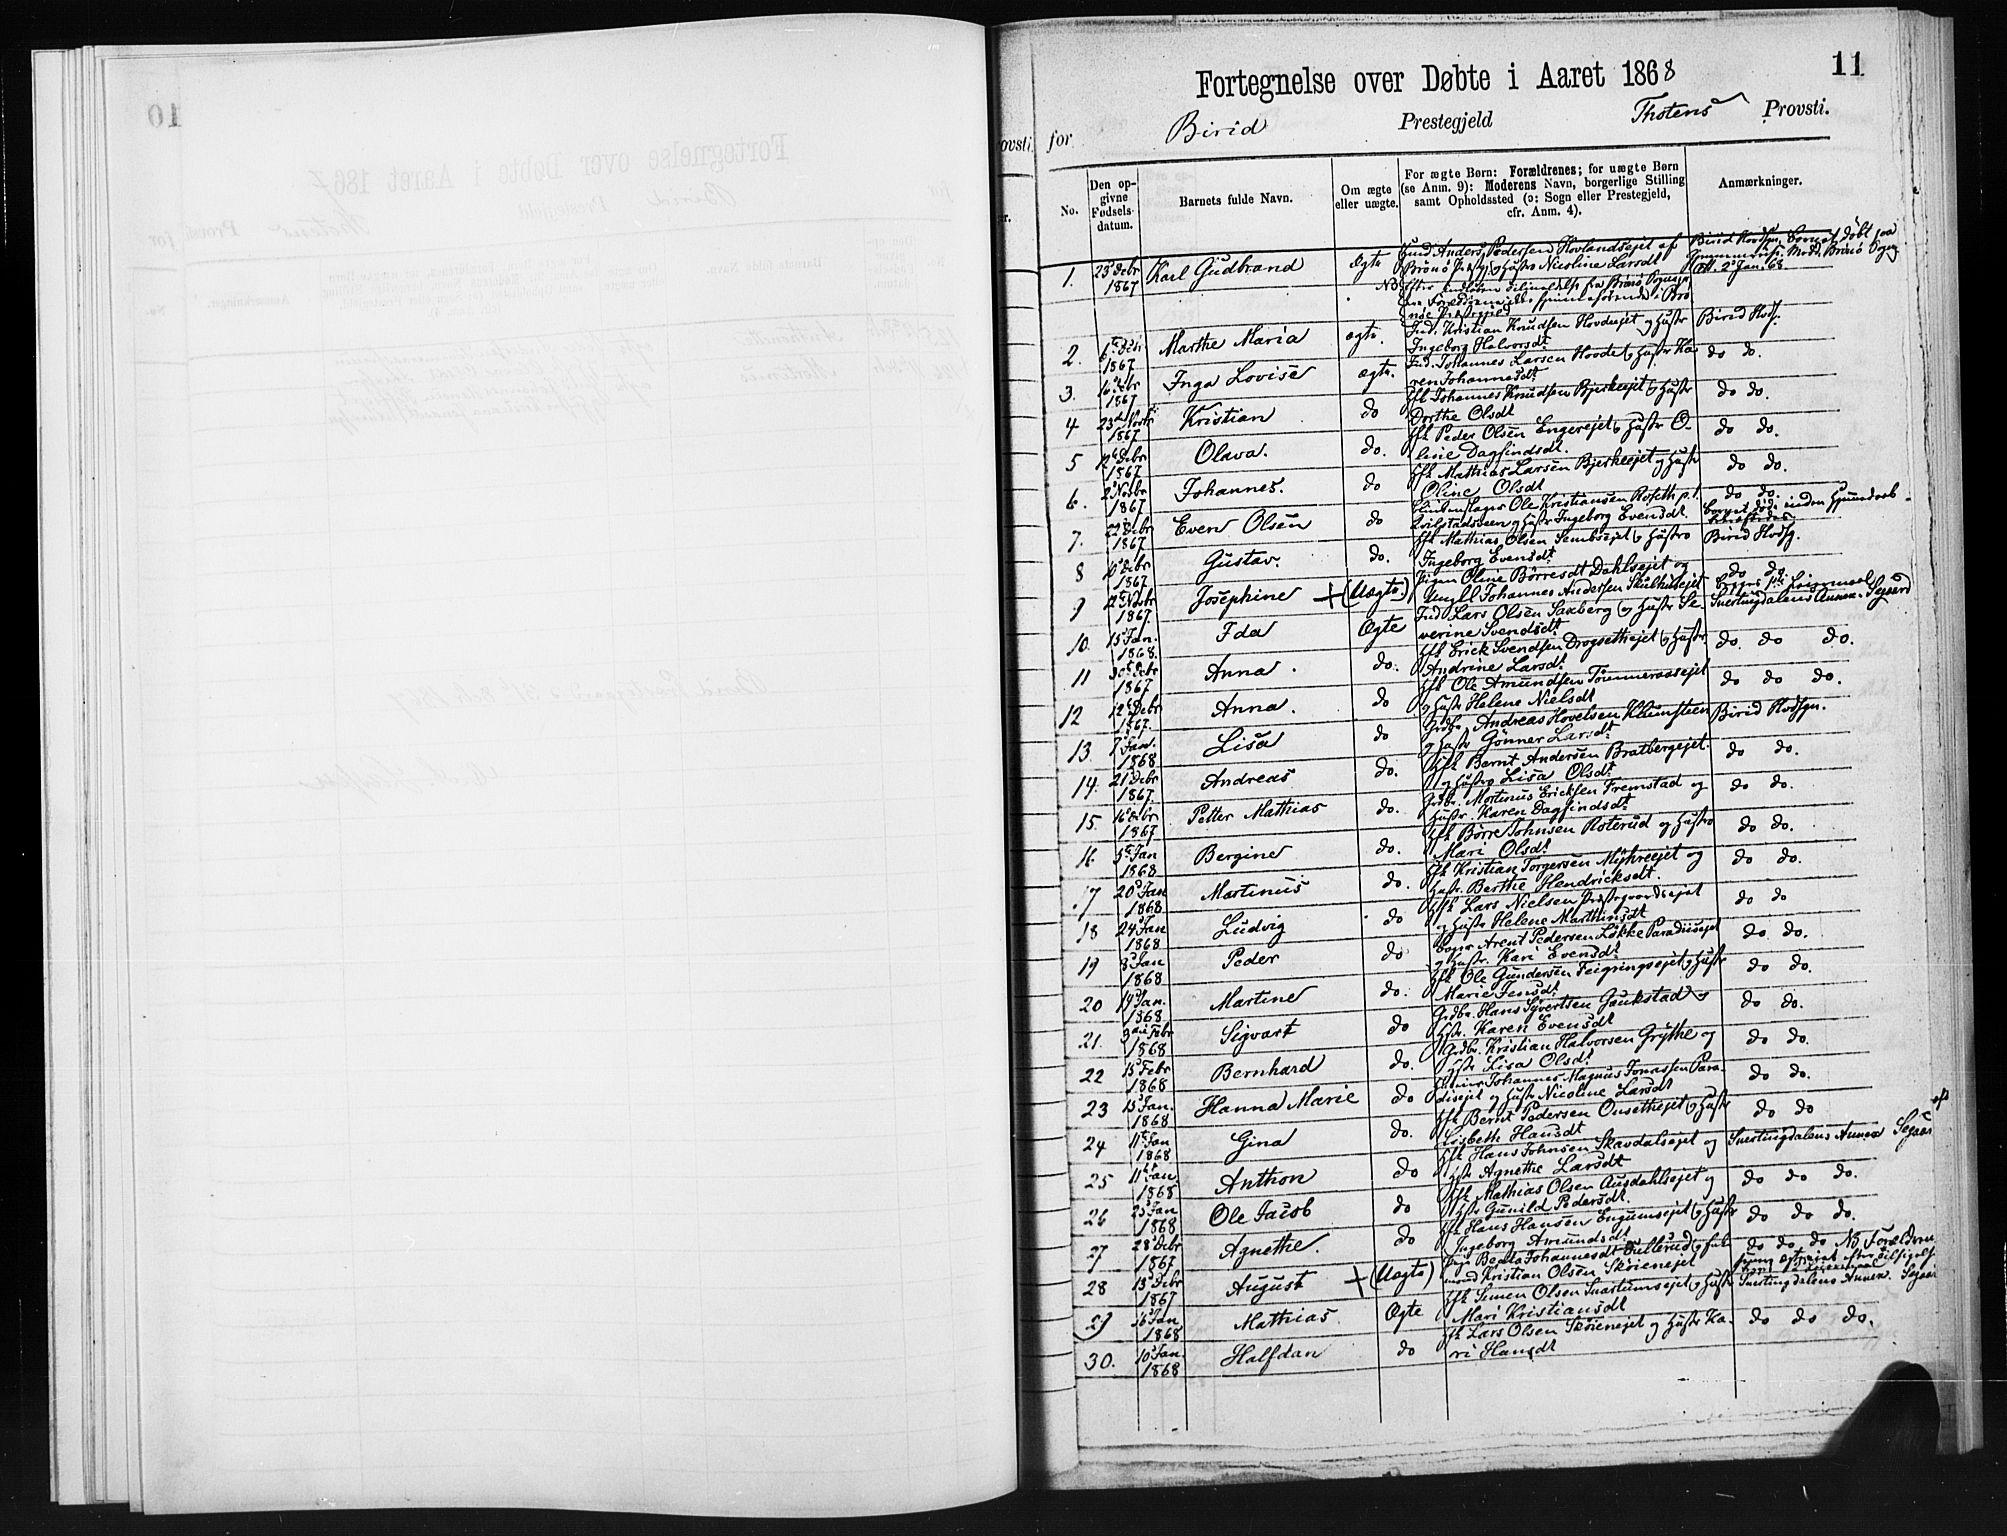 SAH, Biri prestekontor, Ministerialbok, 1866-1872, s. 11